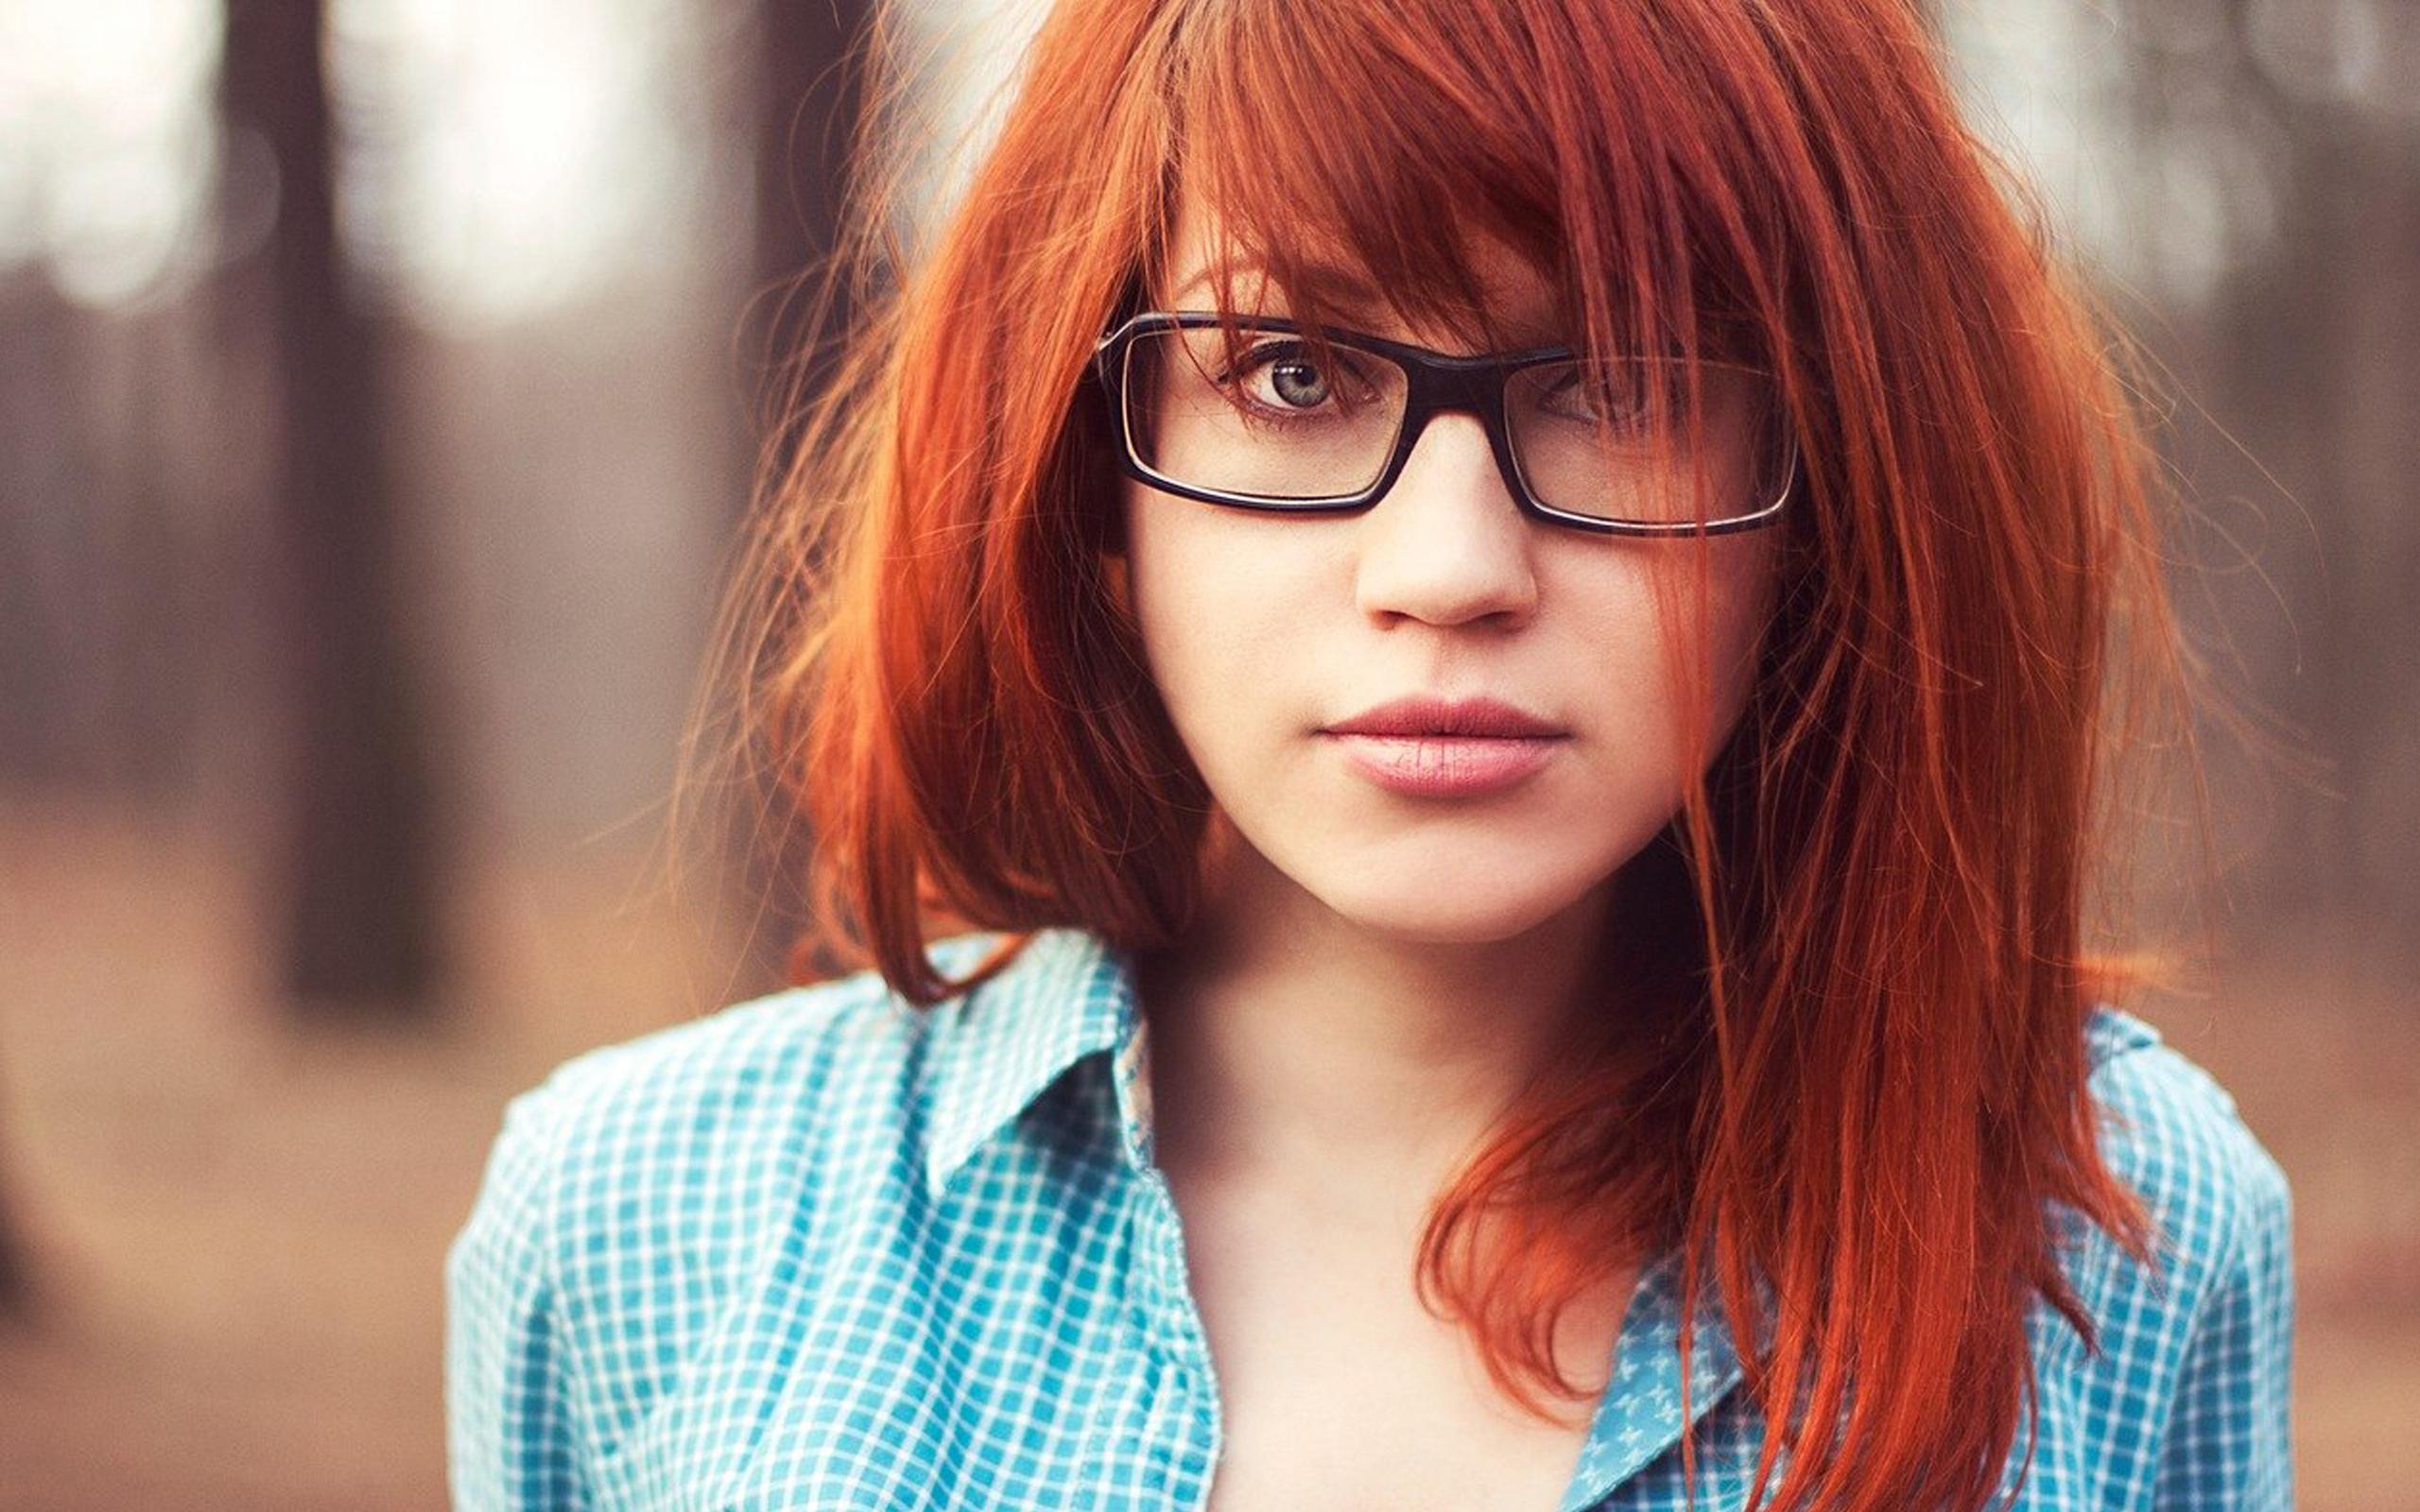 рыжая девушка в синей рубашке свежесть яркость сексуальным